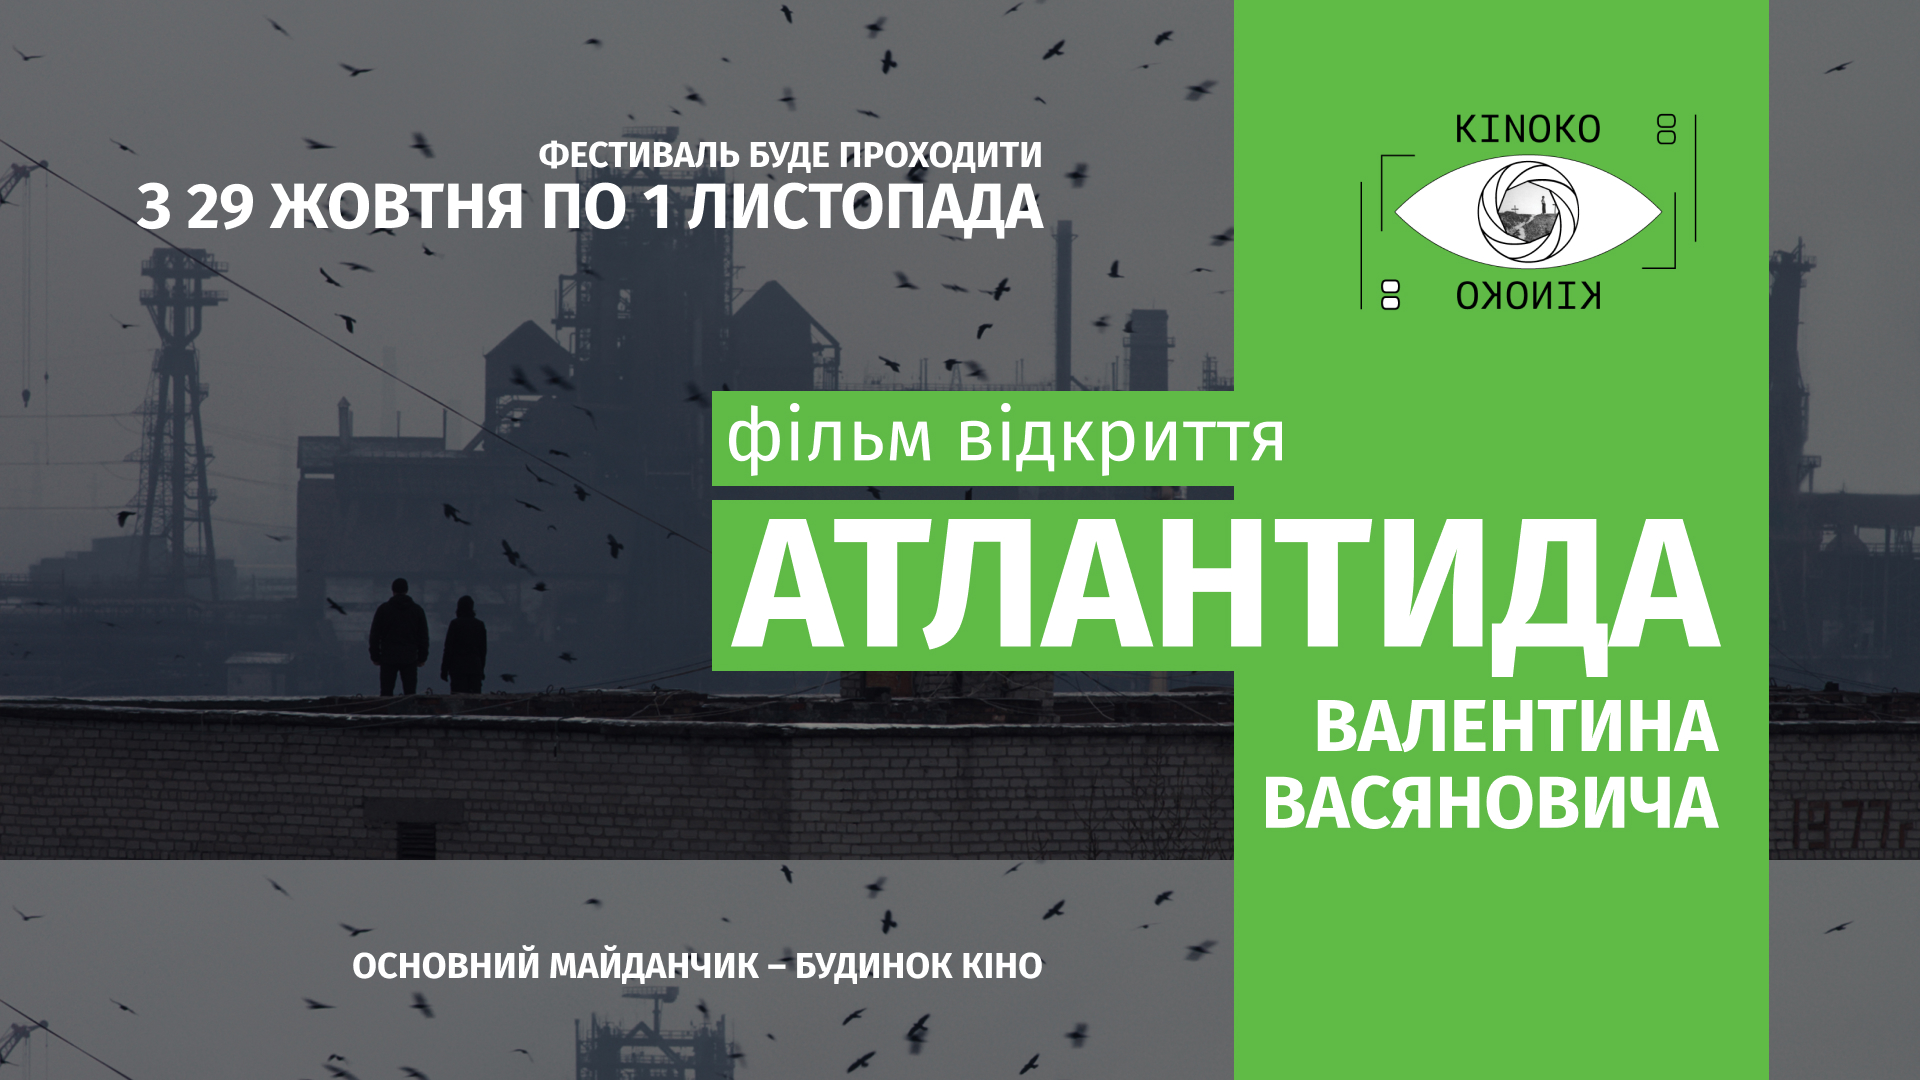 «Атлантида» Валентина Васяновича відкриє 3-й Фестиваль операторської майстерності «КІНОКО»